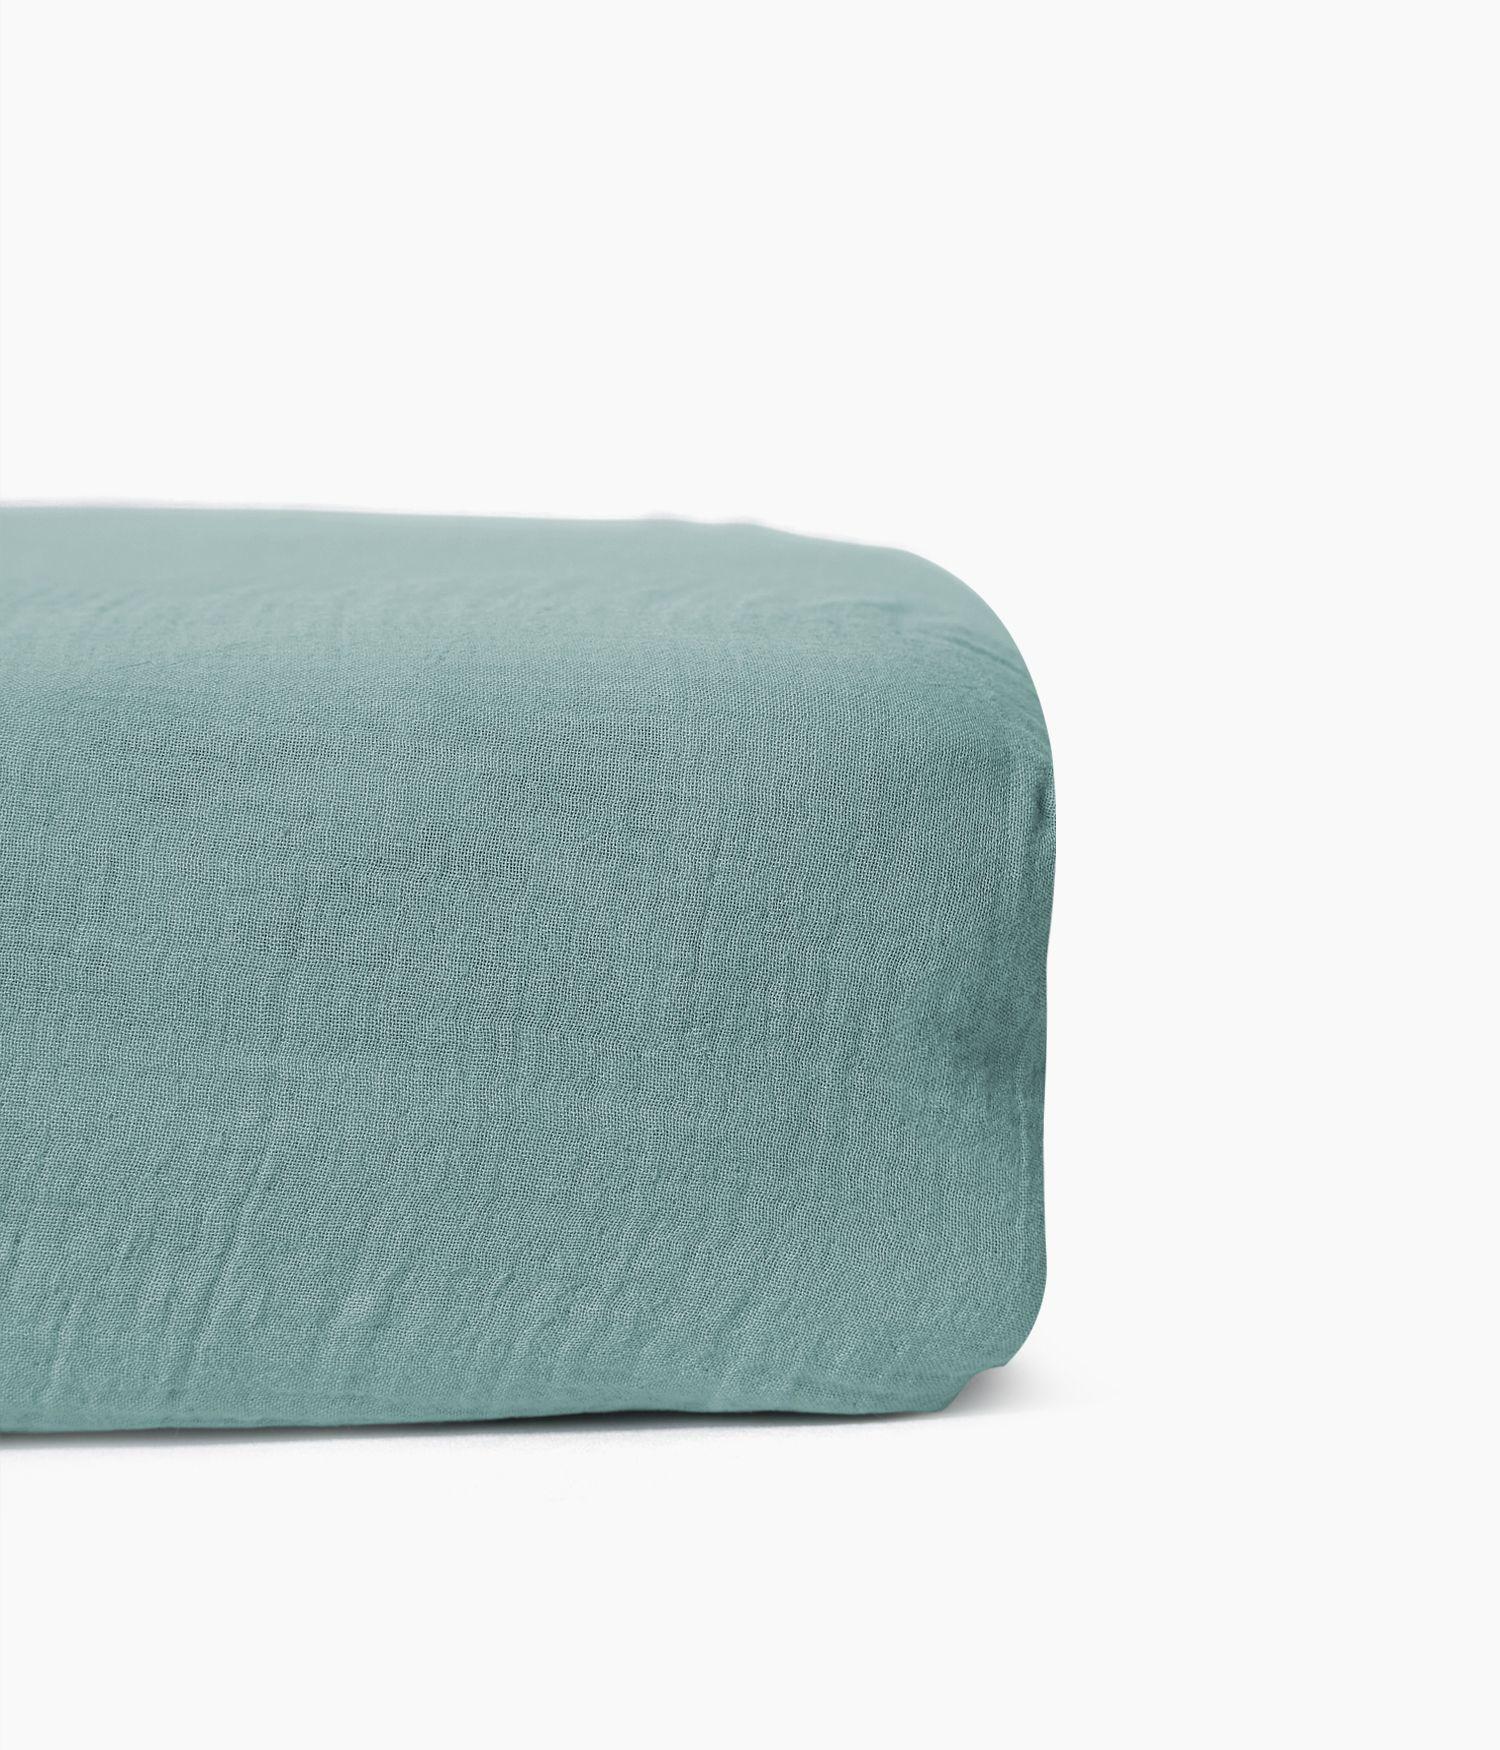 drap housse 140*200 celadon